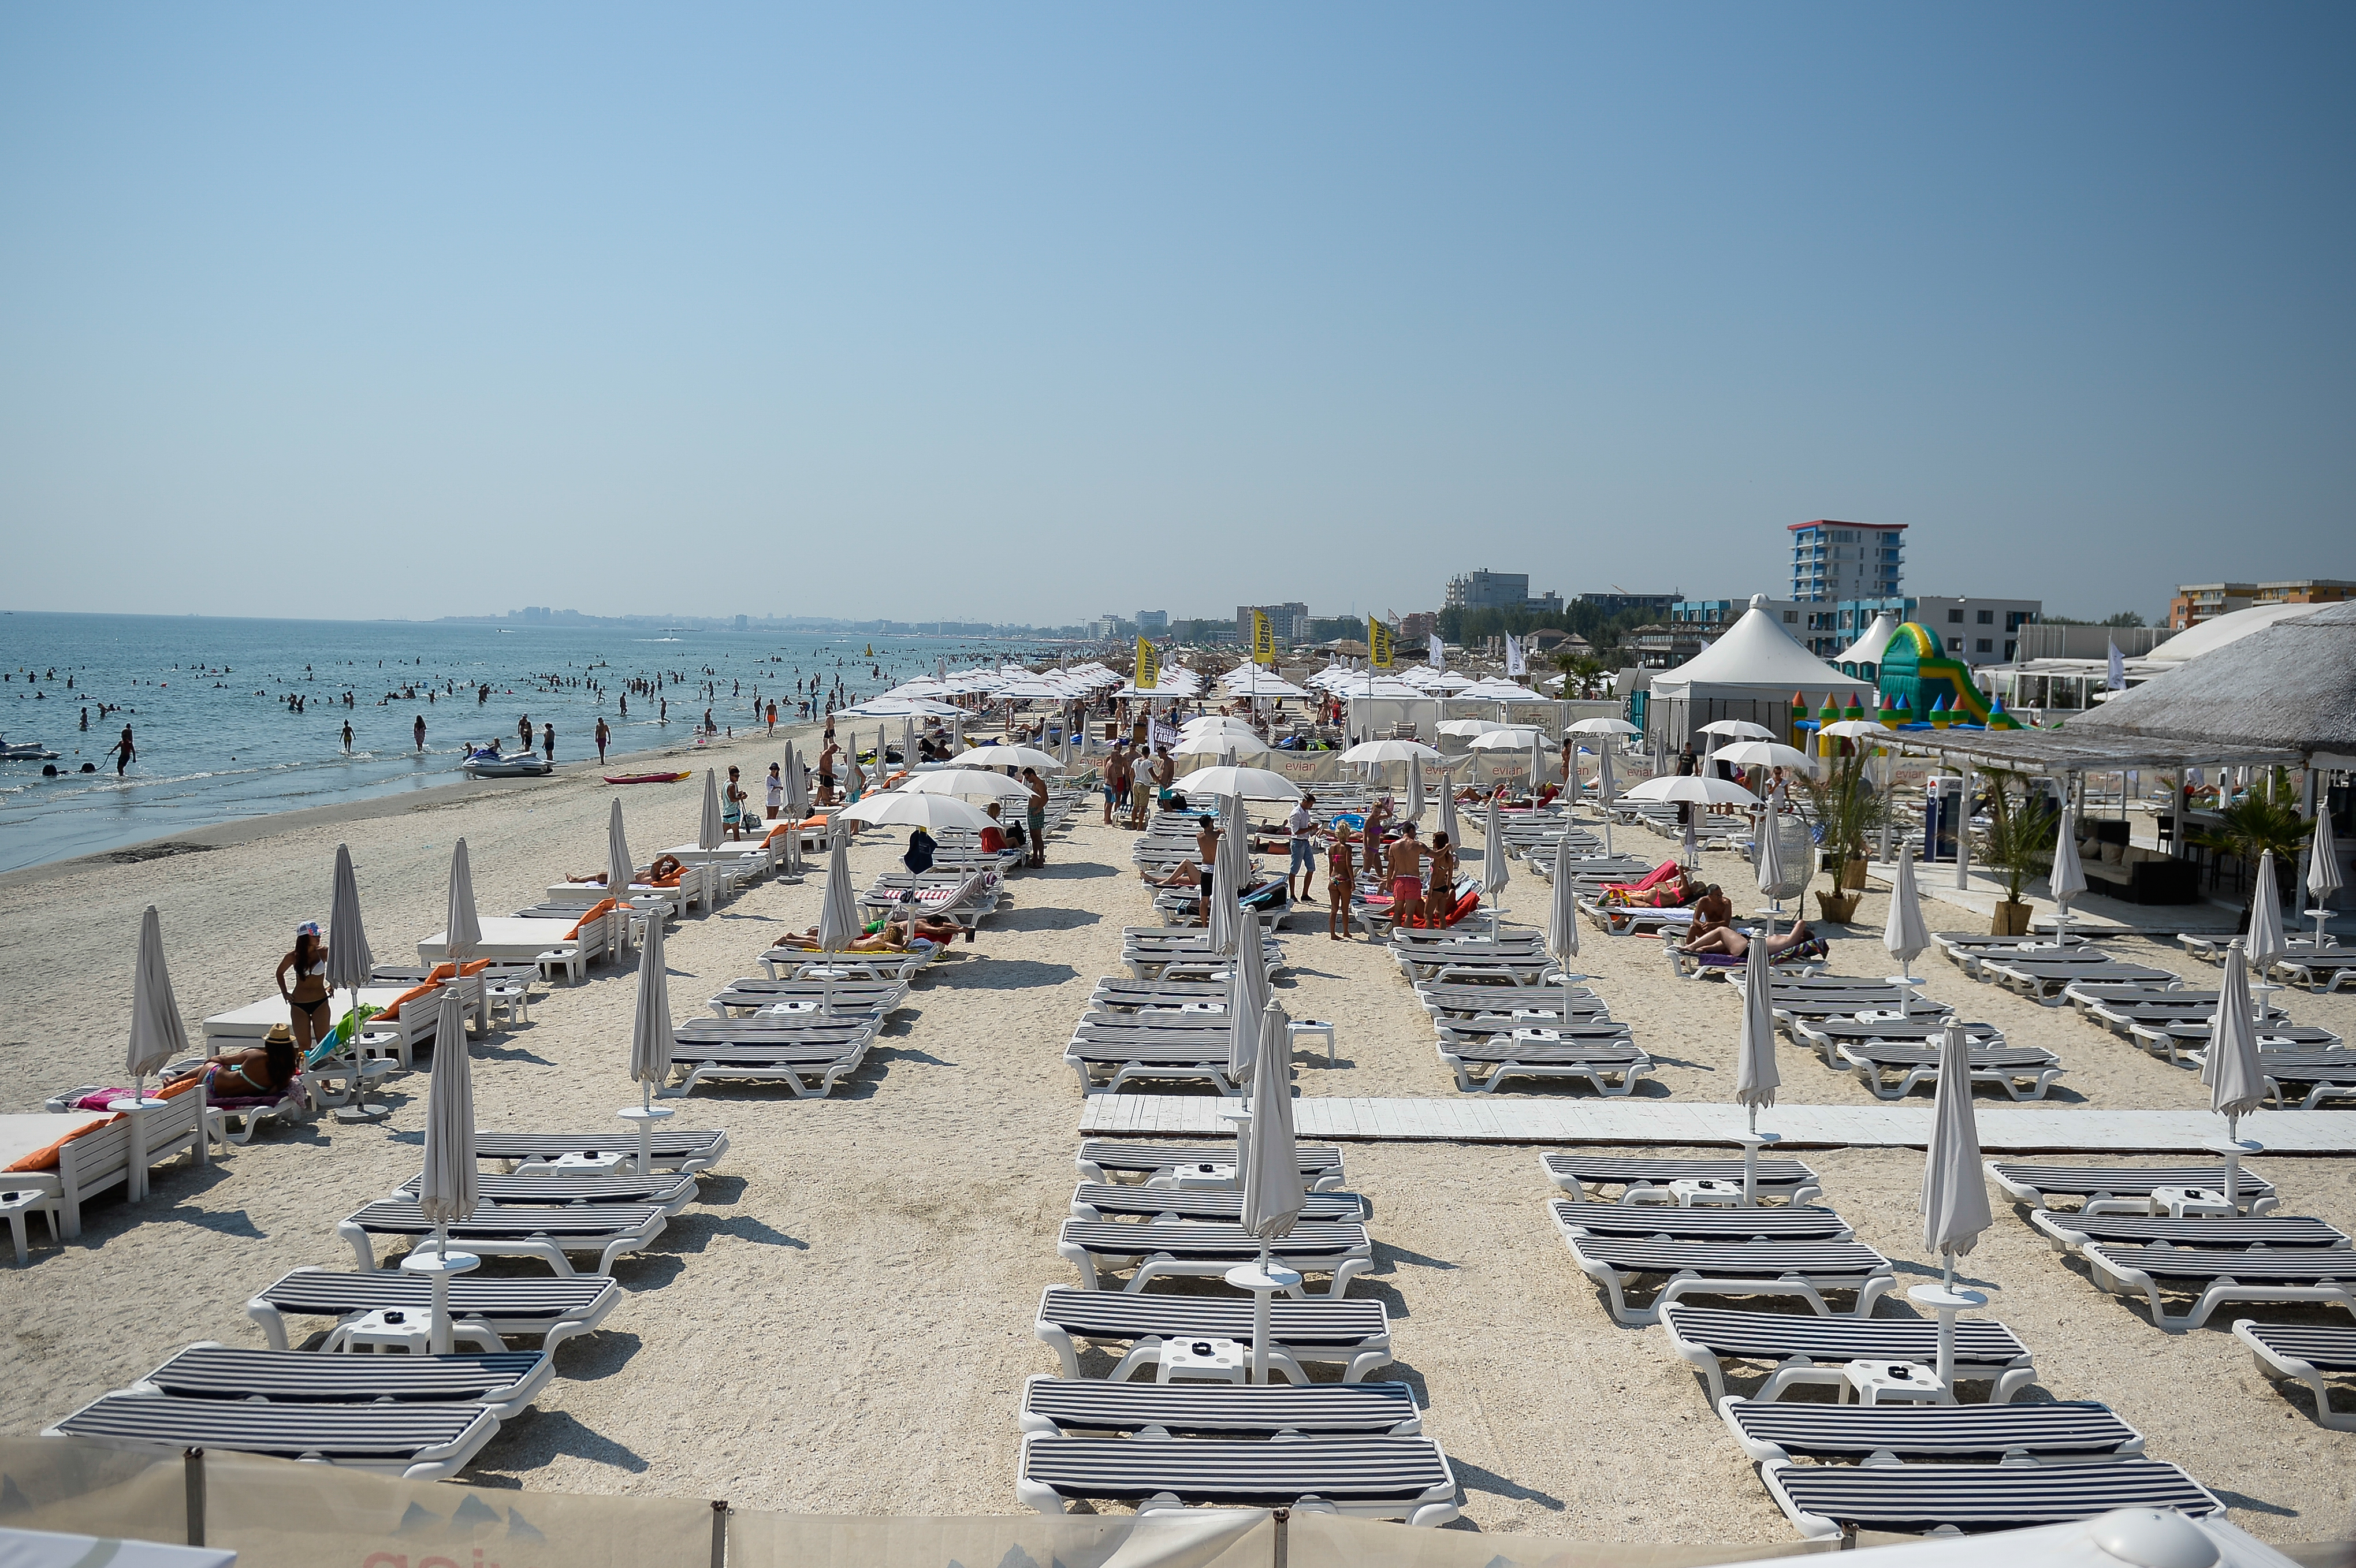 Sejururile în străinătate, mai puţin vizate anul acesta. Românii caută vacanţe deosebite în ţară - STUDIU